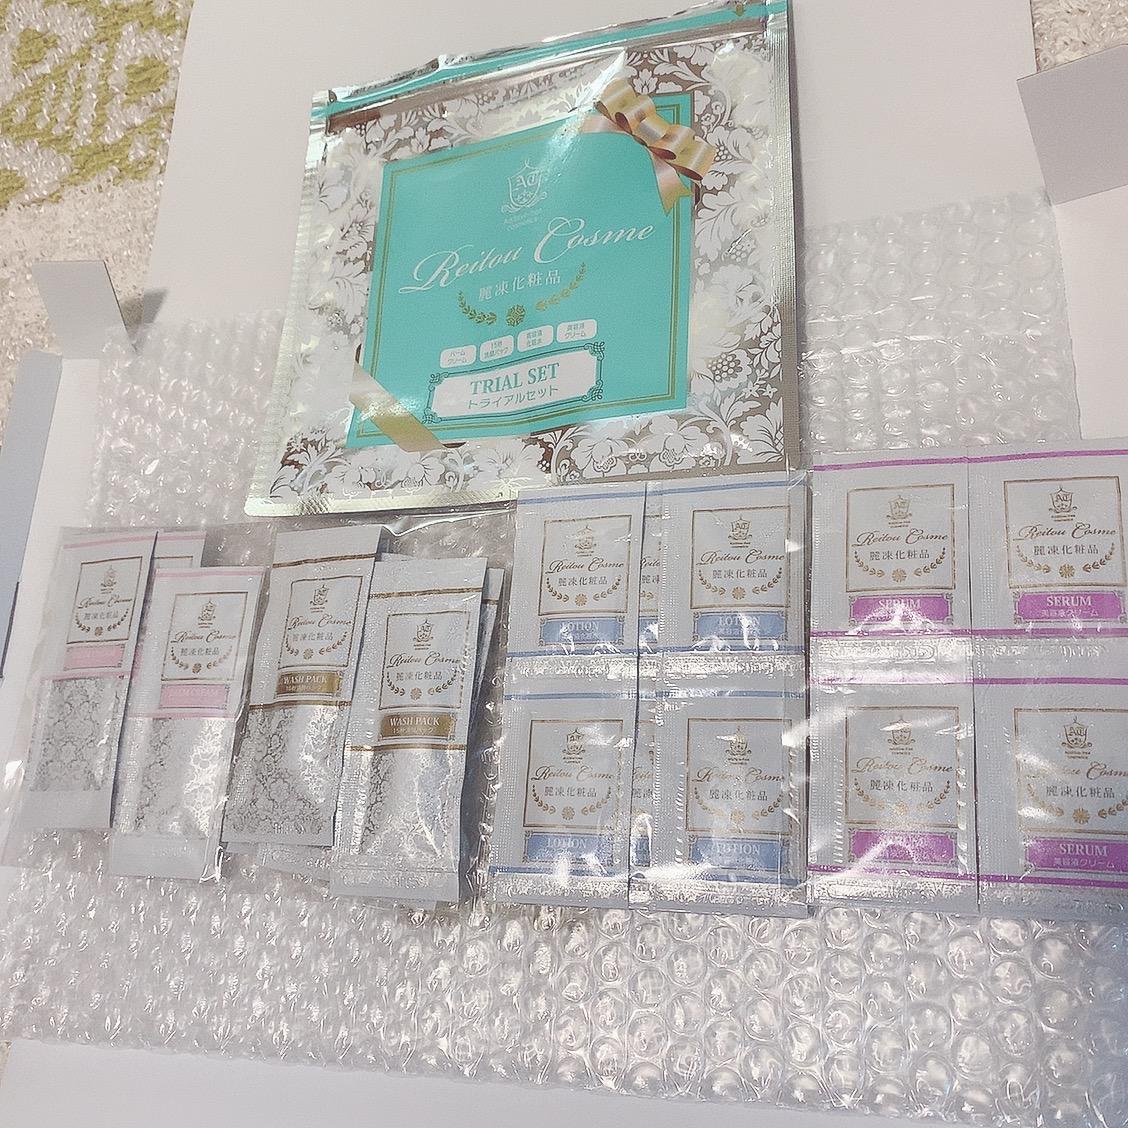 麗凍化粧品(Reitou Cosme) トライアルセットに関するりりーさんの口コミ画像1